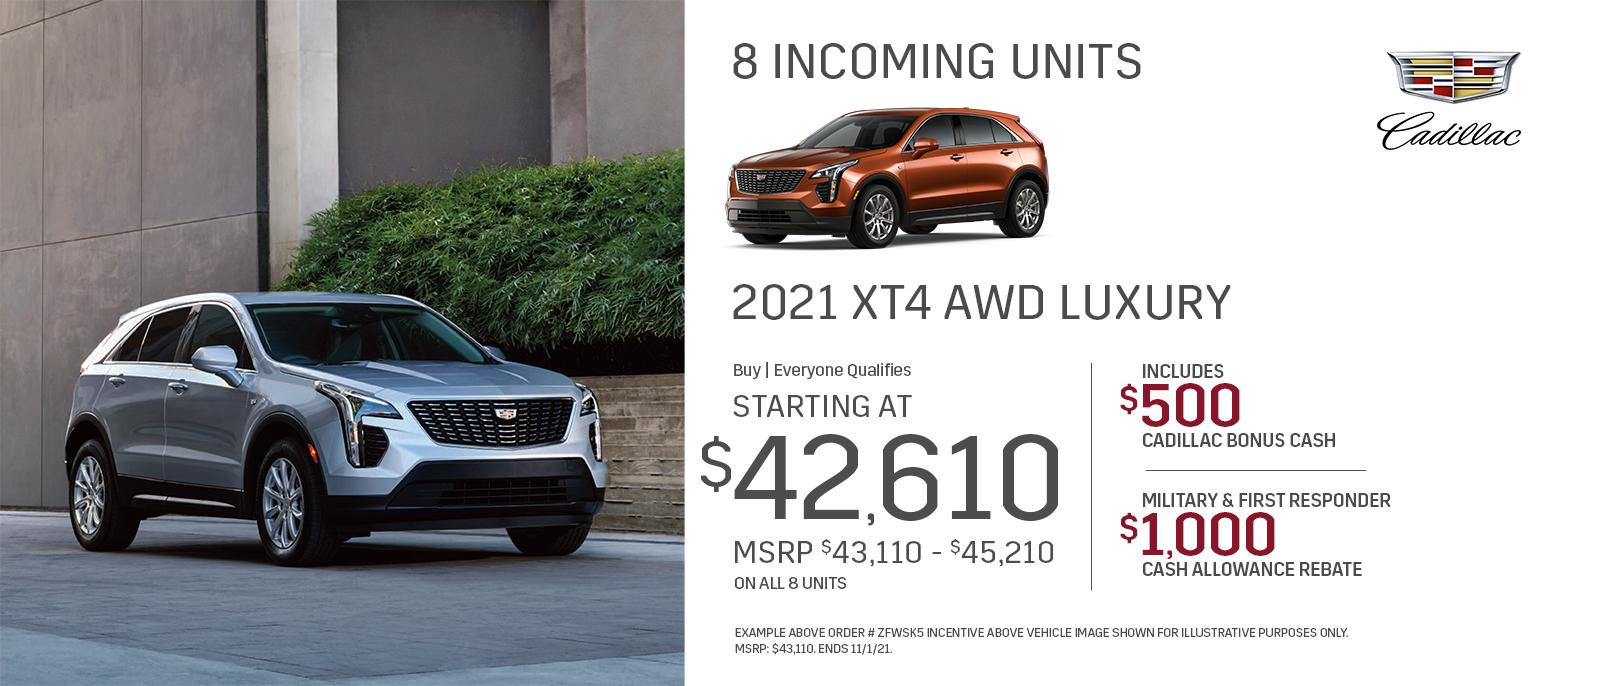 2021-XT4-Luxury